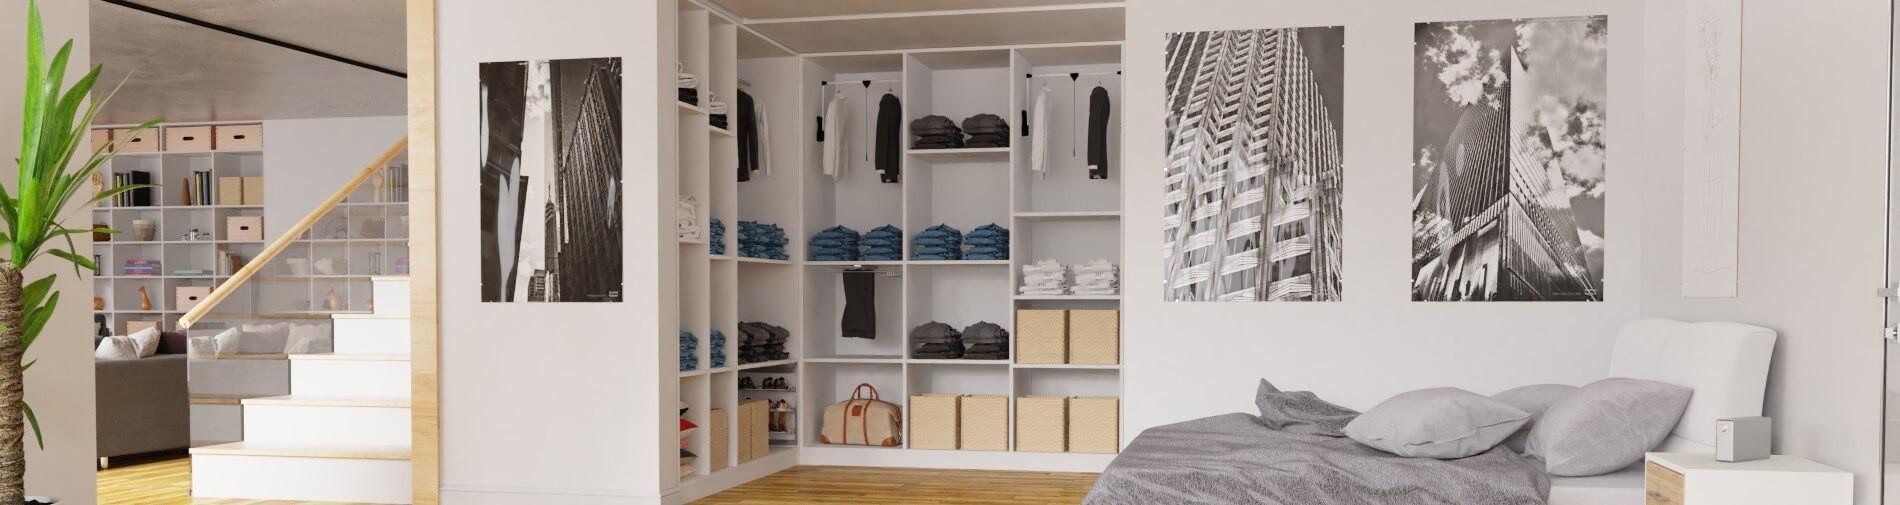 Schranksystem Nach Mass Fur S Schlafzimmer Planen Schrankplaner De